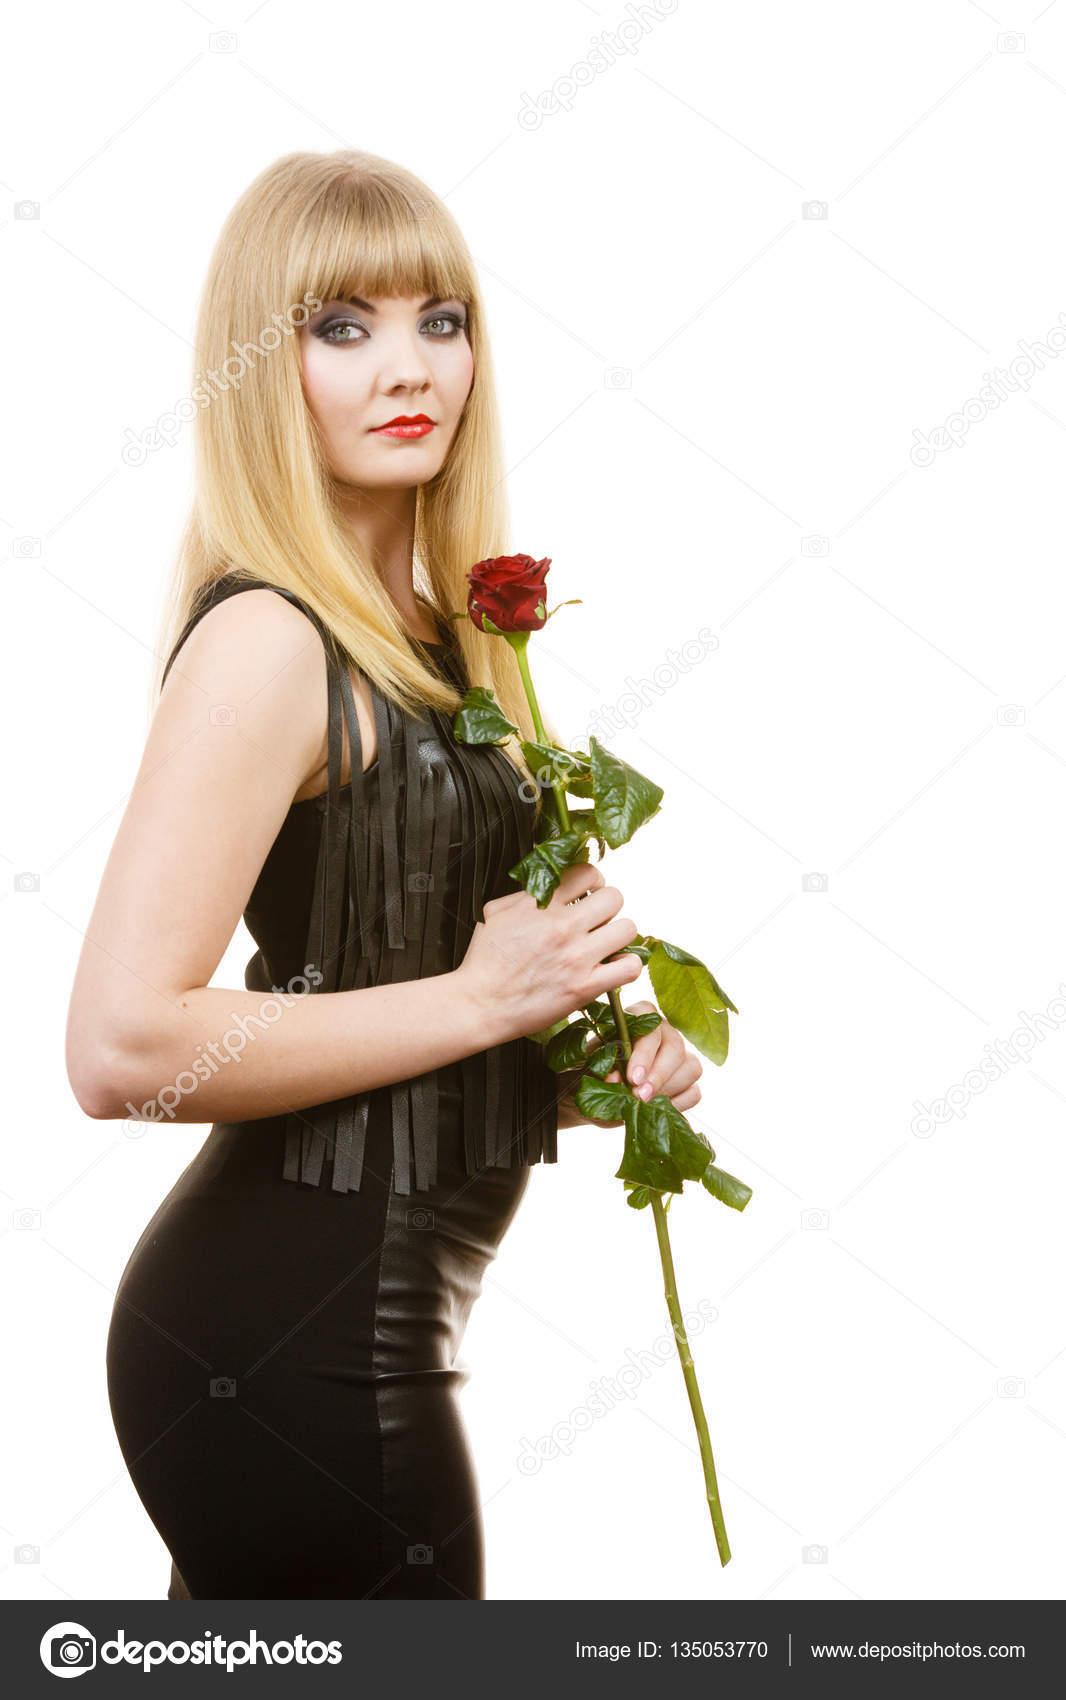 randki z atrakcyjną dziewczyną przykładowa polisa dotycząca dat pracownika